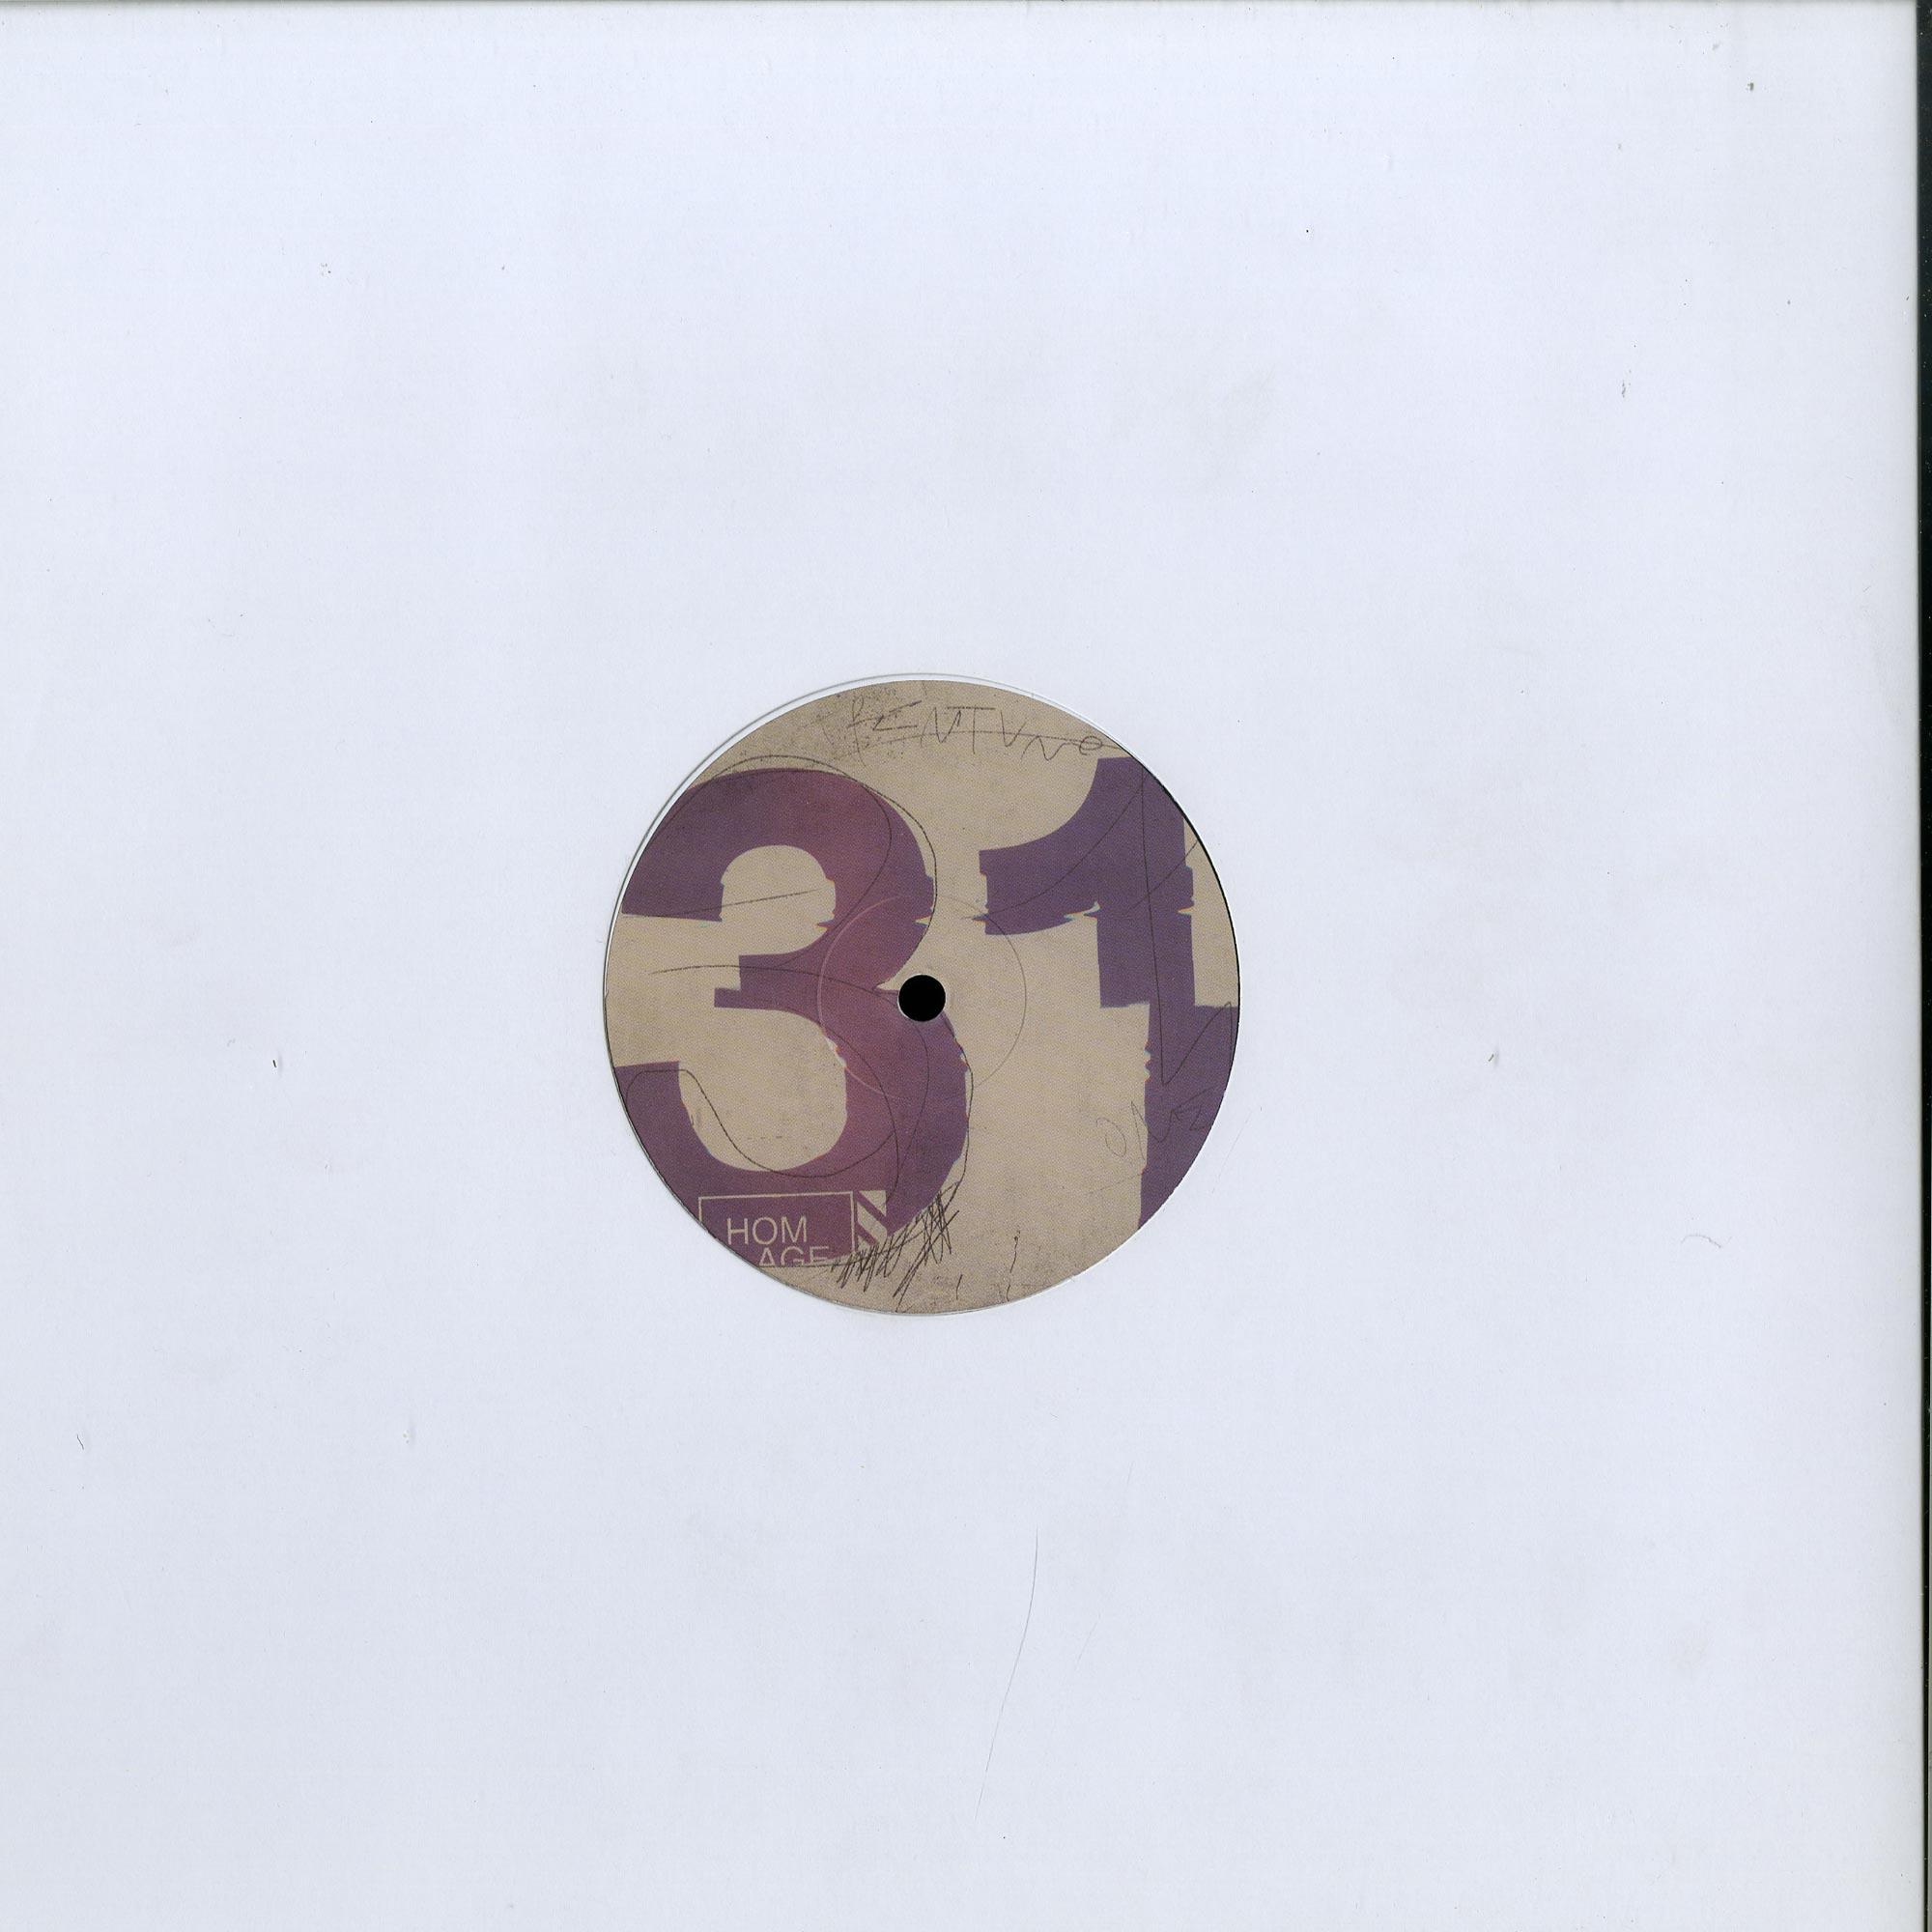 JVXTA - RUDYS DISC 31